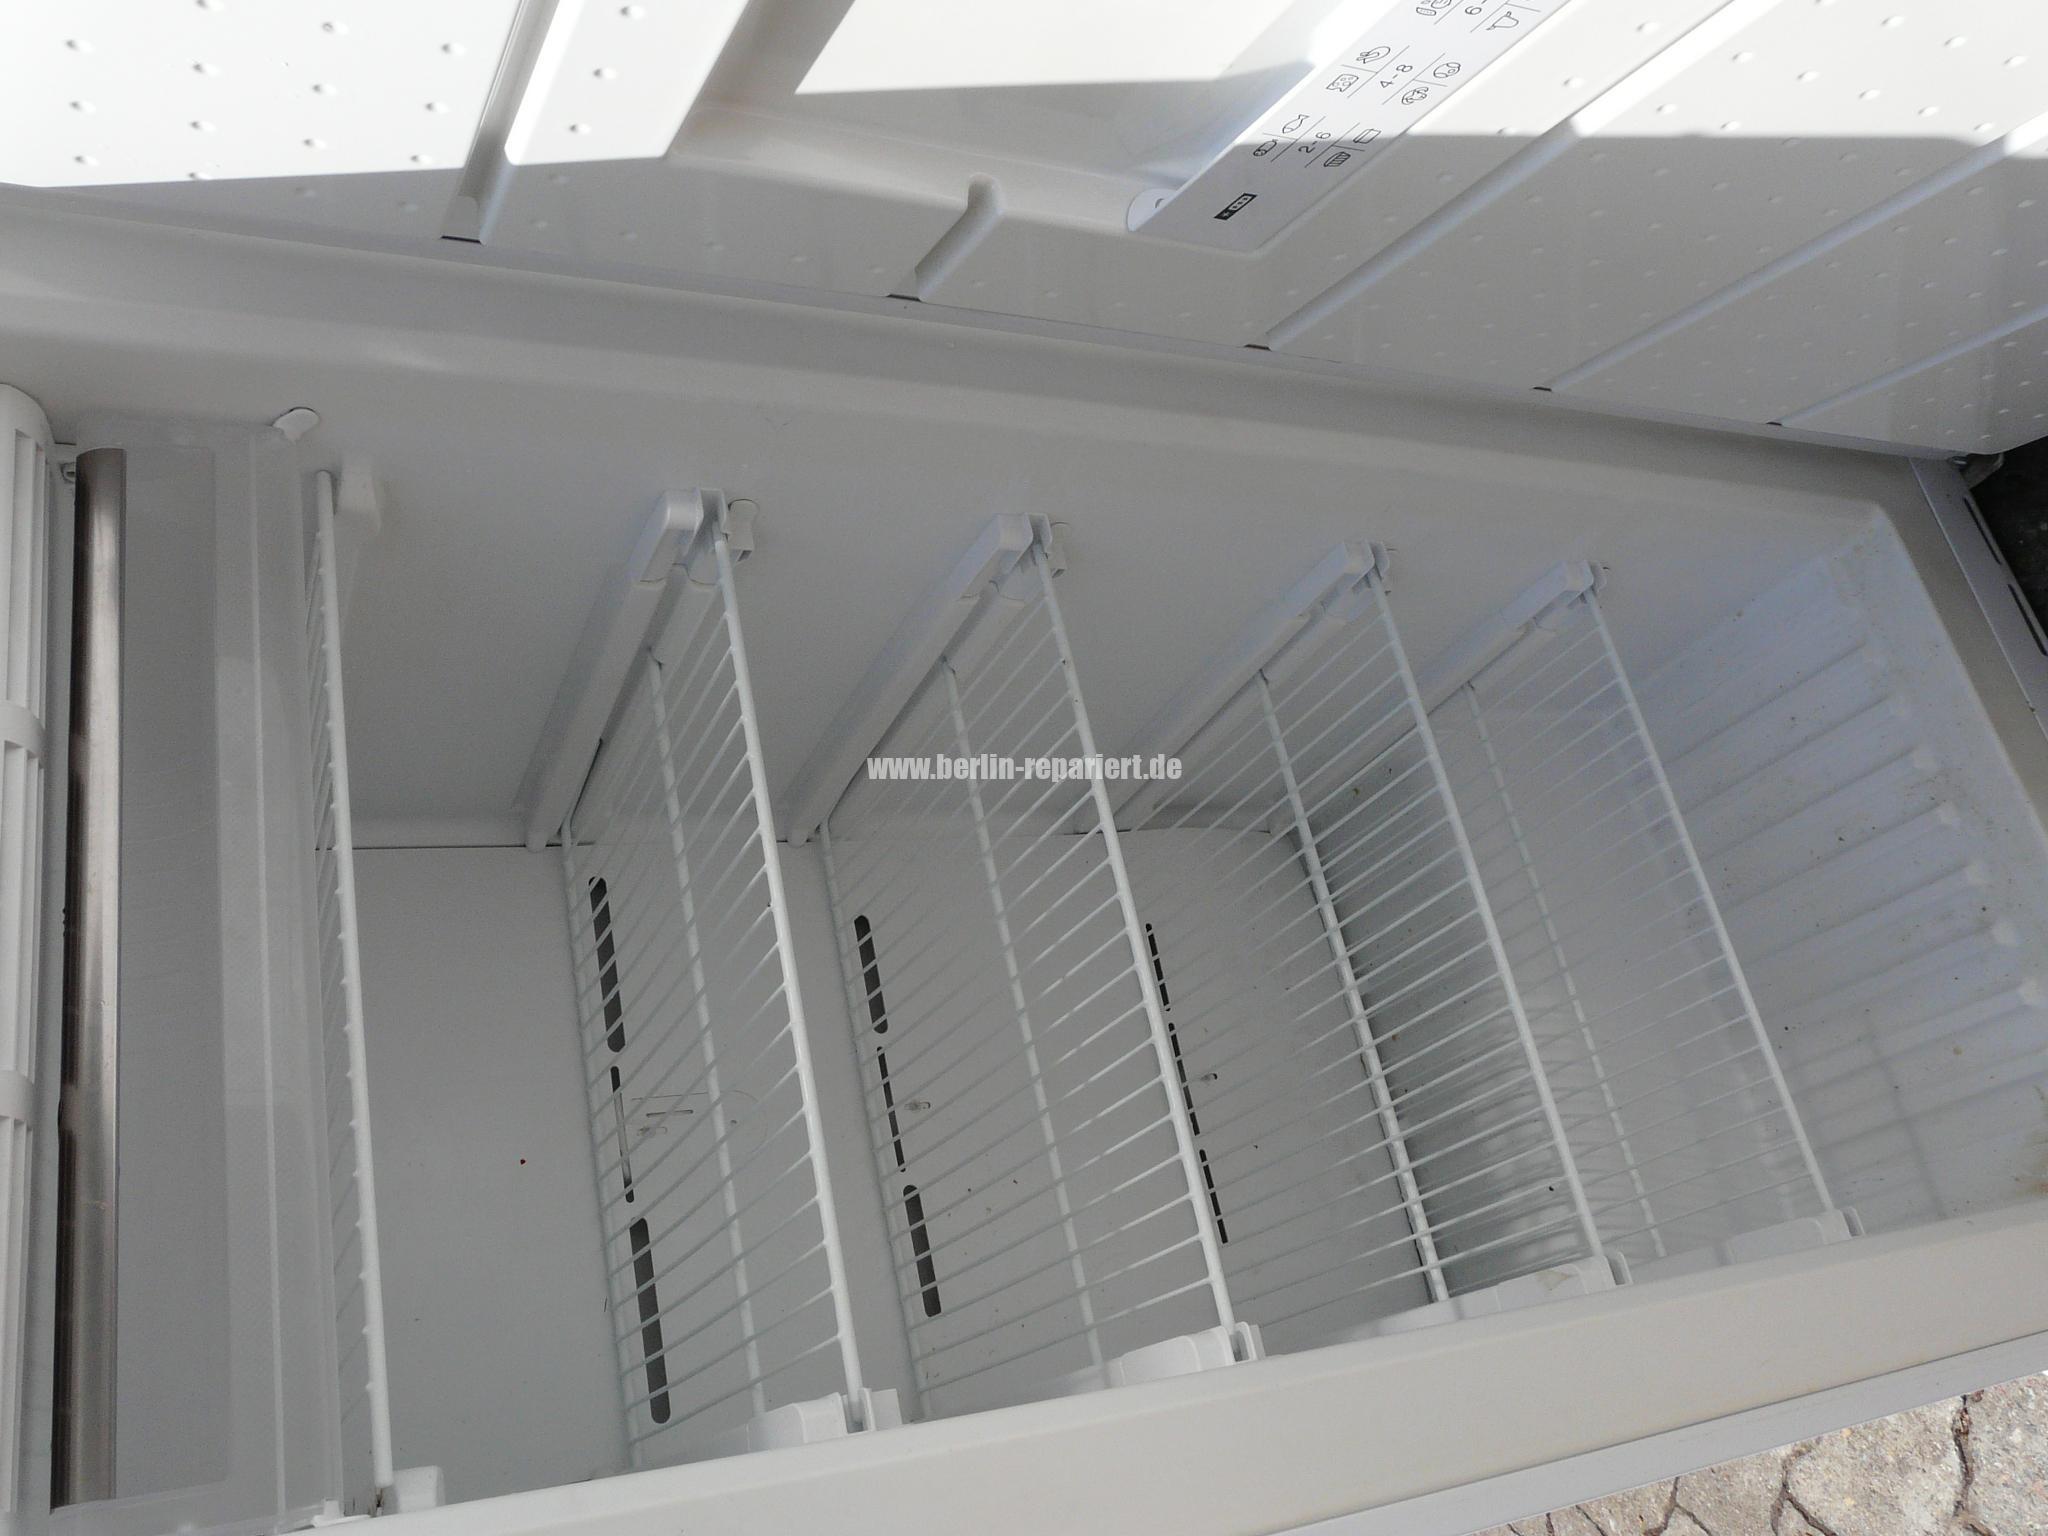 Amica Kühlschrank Kühlt Nicht Mehr : Amica kühlschrank kühlt nicht kühlschrank kaputt was kann ich